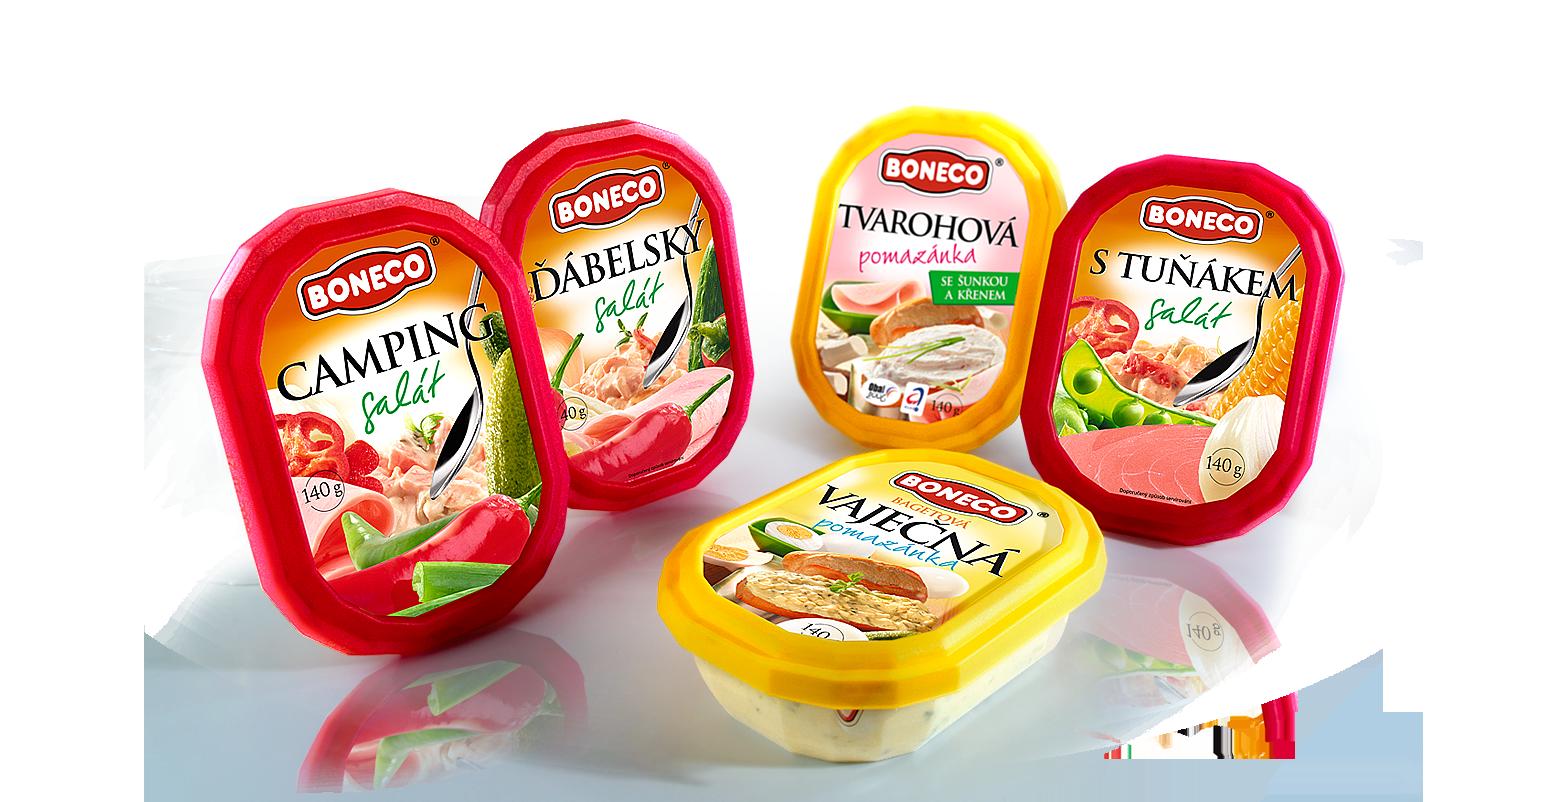 Boneco salads